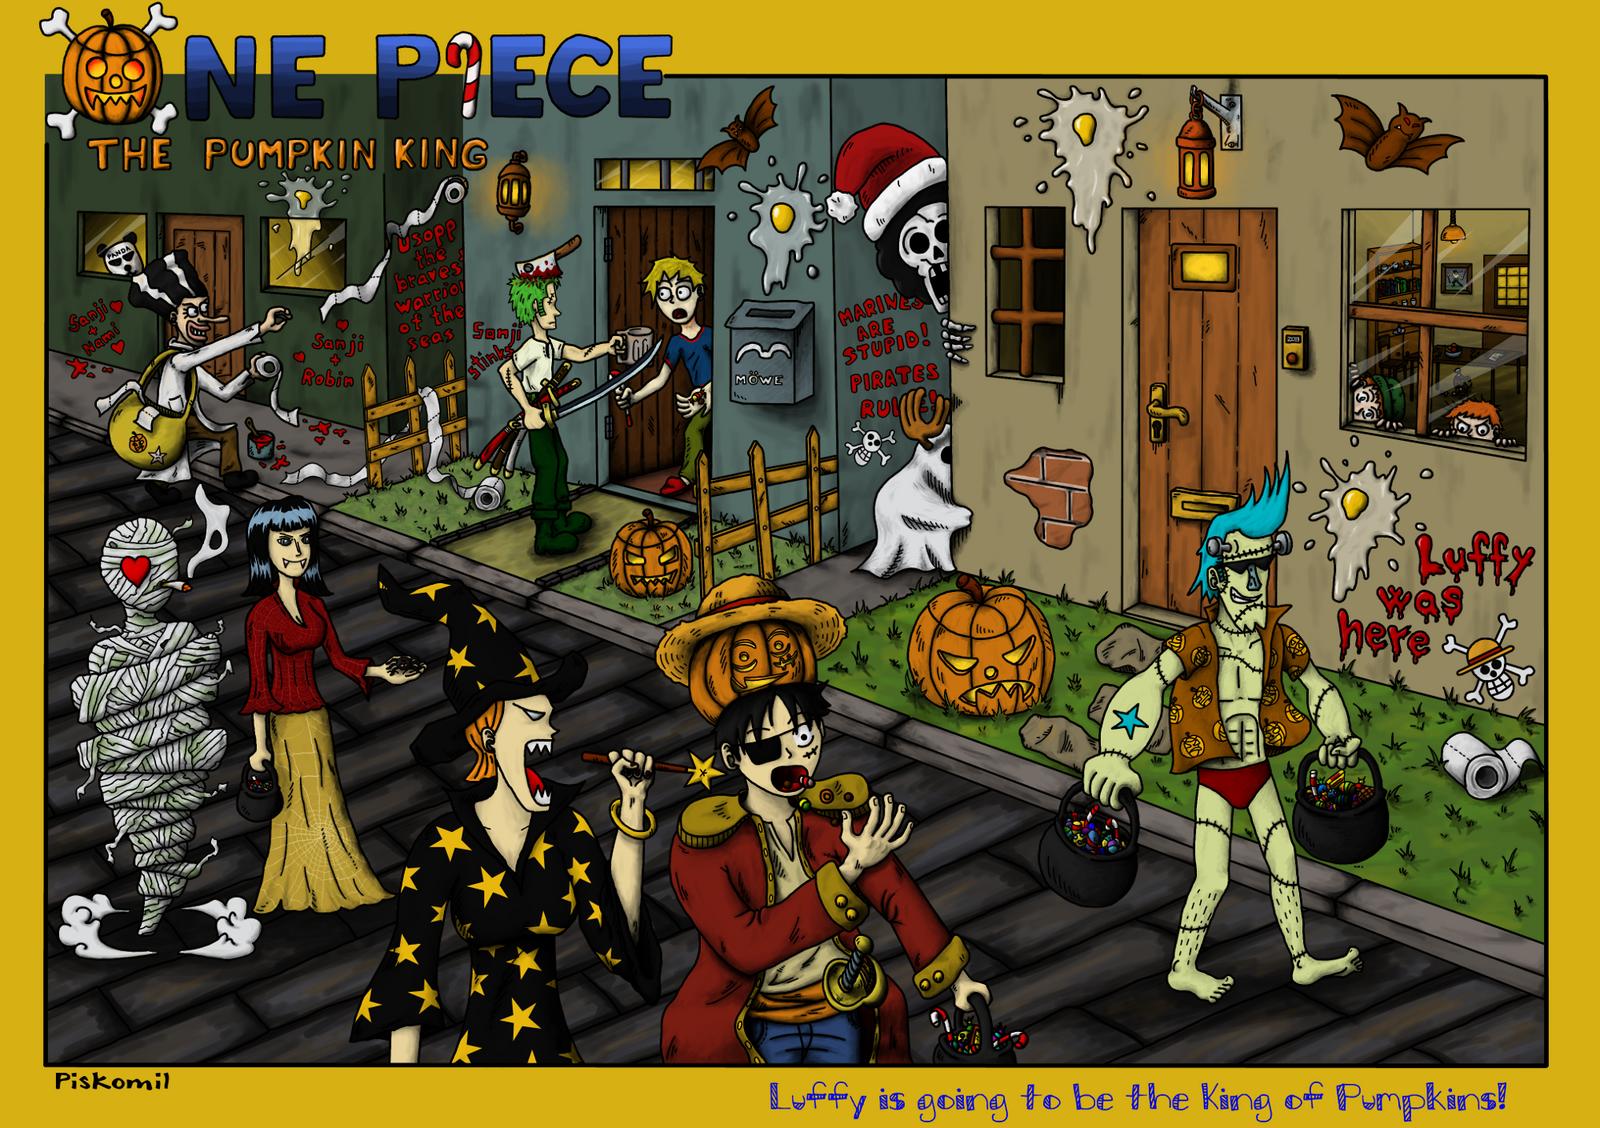 OP Halloween by piskomil